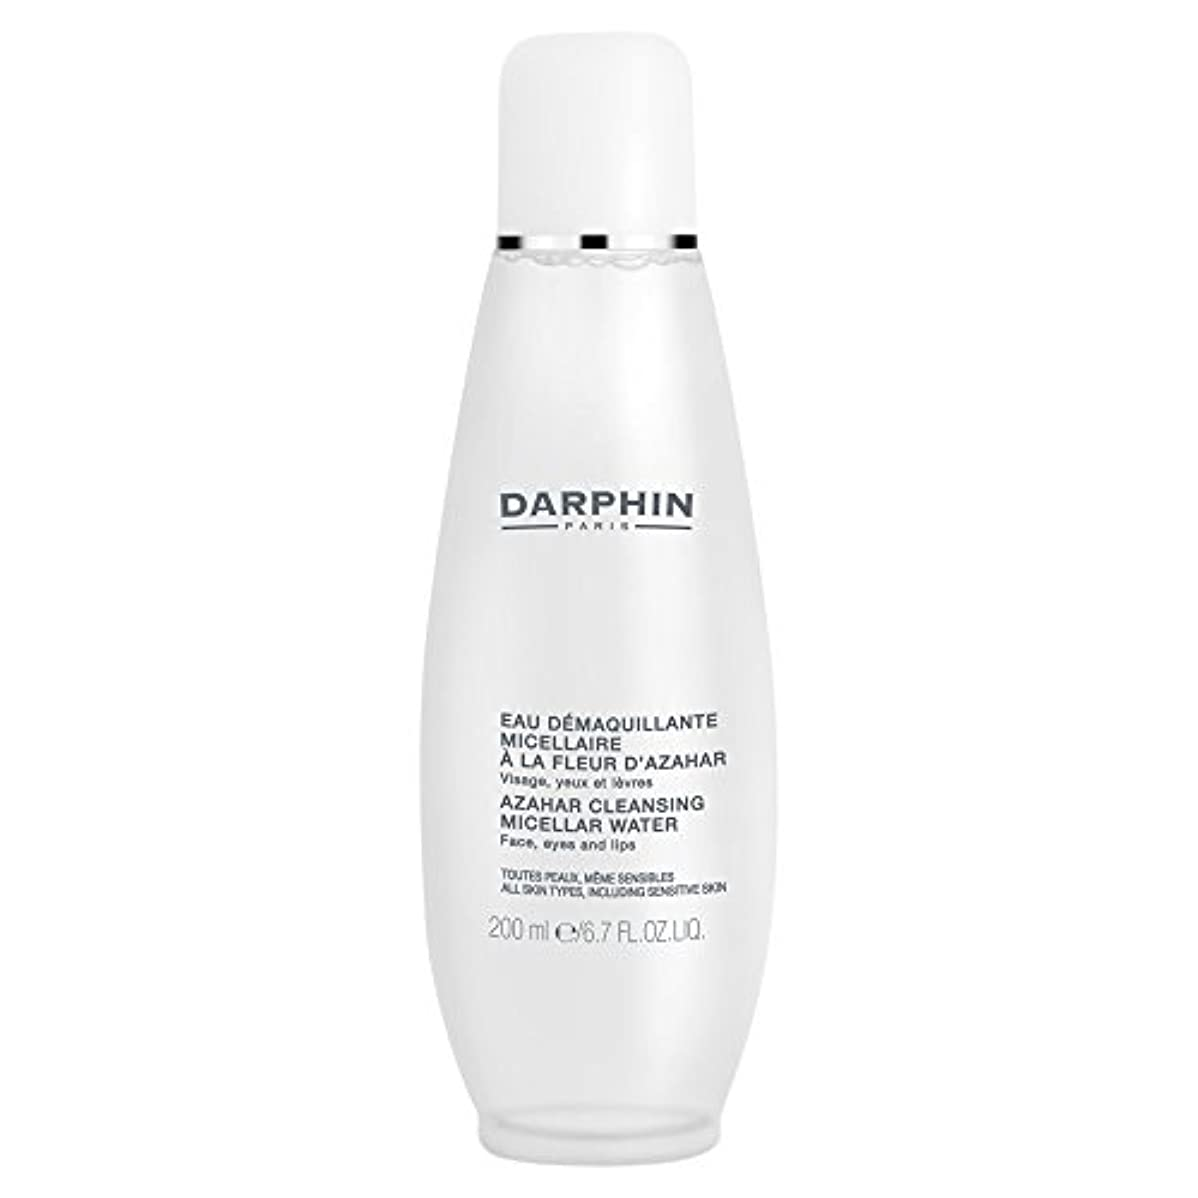 ミセル水クレンジングアサールダルファン、200ミリリットル (Darphin) (x2) - Darphin Azahar Cleansing Micellar Water, 200ml (Pack of 2) [並行輸入品]